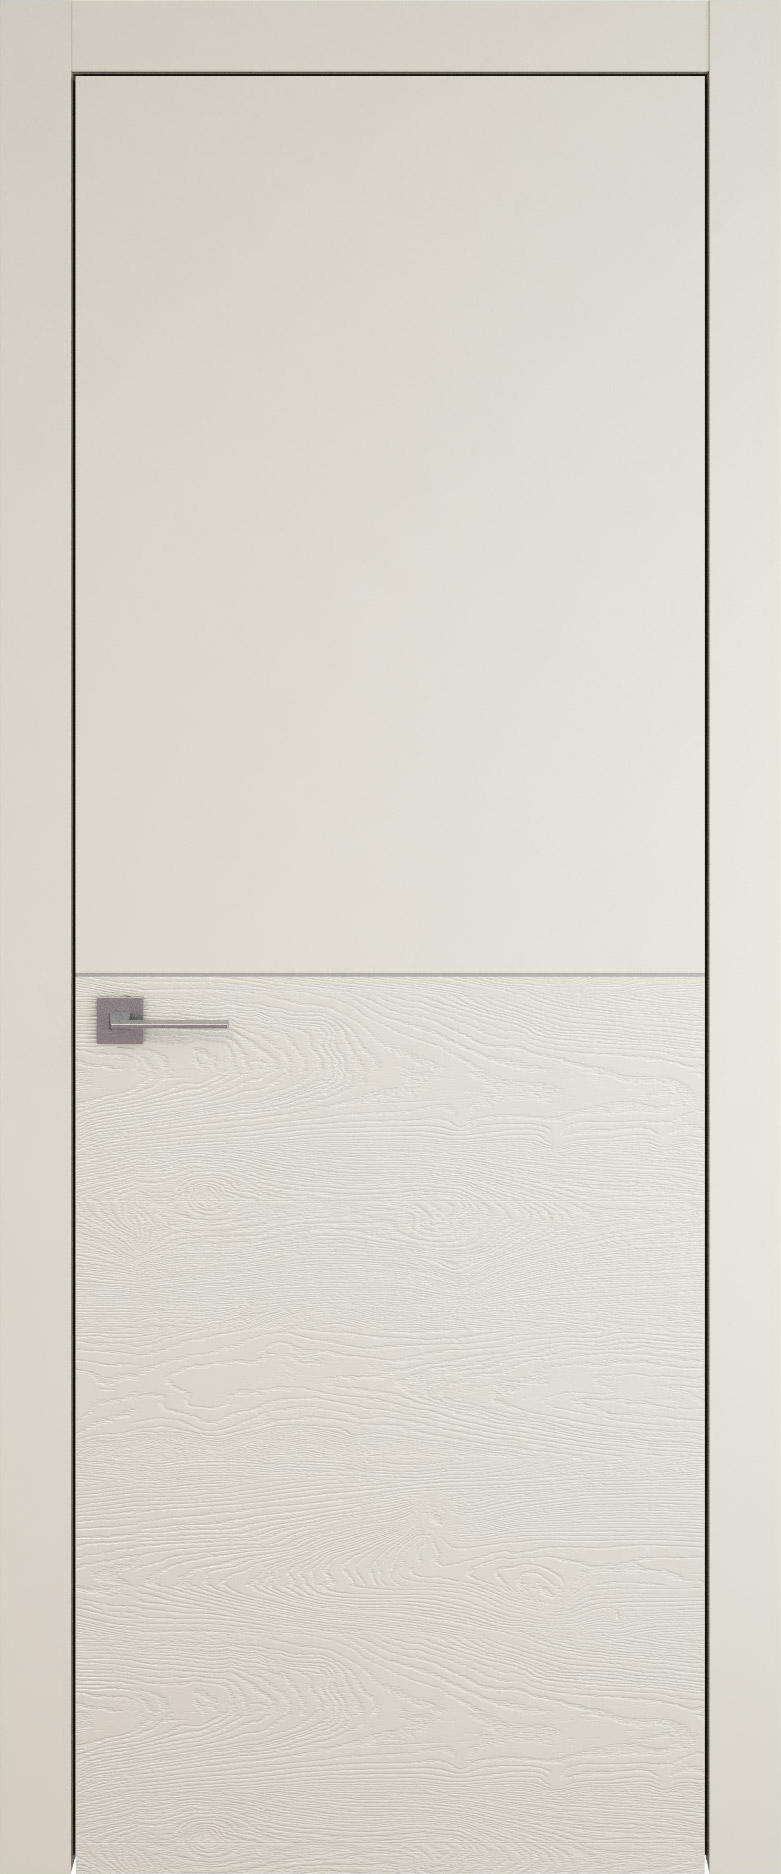 Tivoli Б-2 цвет - Жемчужная эмаль-эмаль по шпону (RAL 1013) Без стекла (ДГ)